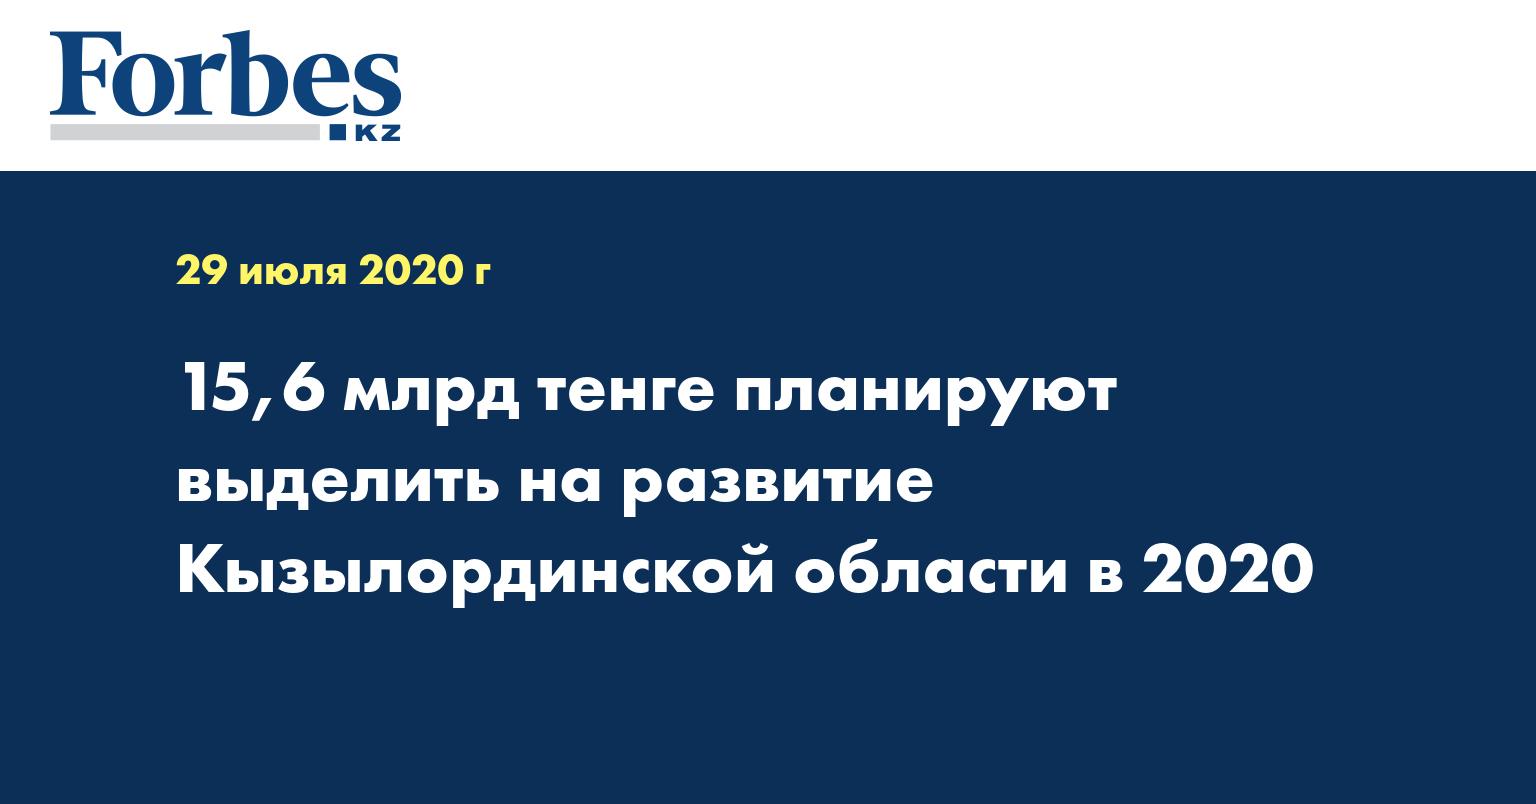 15,6 млрд тенге планируют выделить на развитие Кызылординской области в 2020